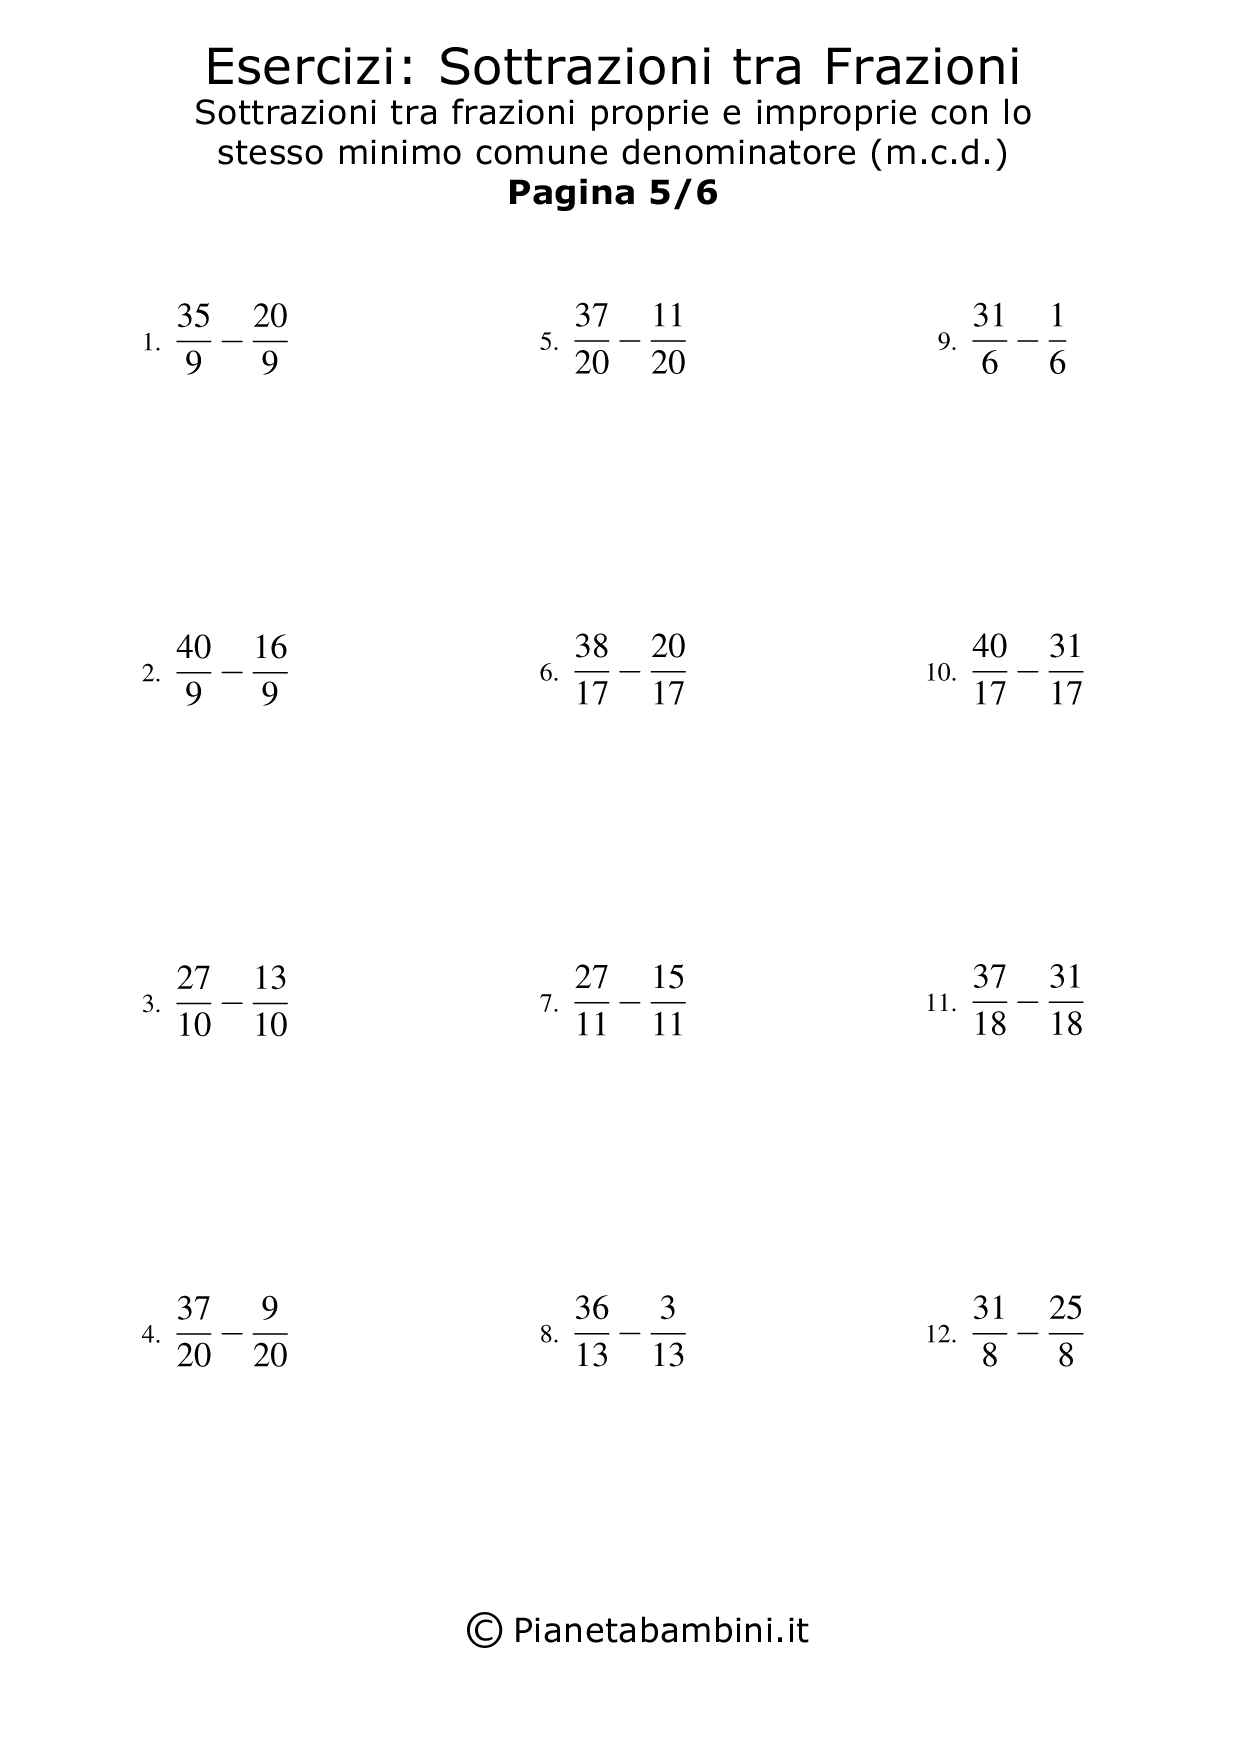 Sottrazioni-Frazioni-m.c.d.-Uguale_5